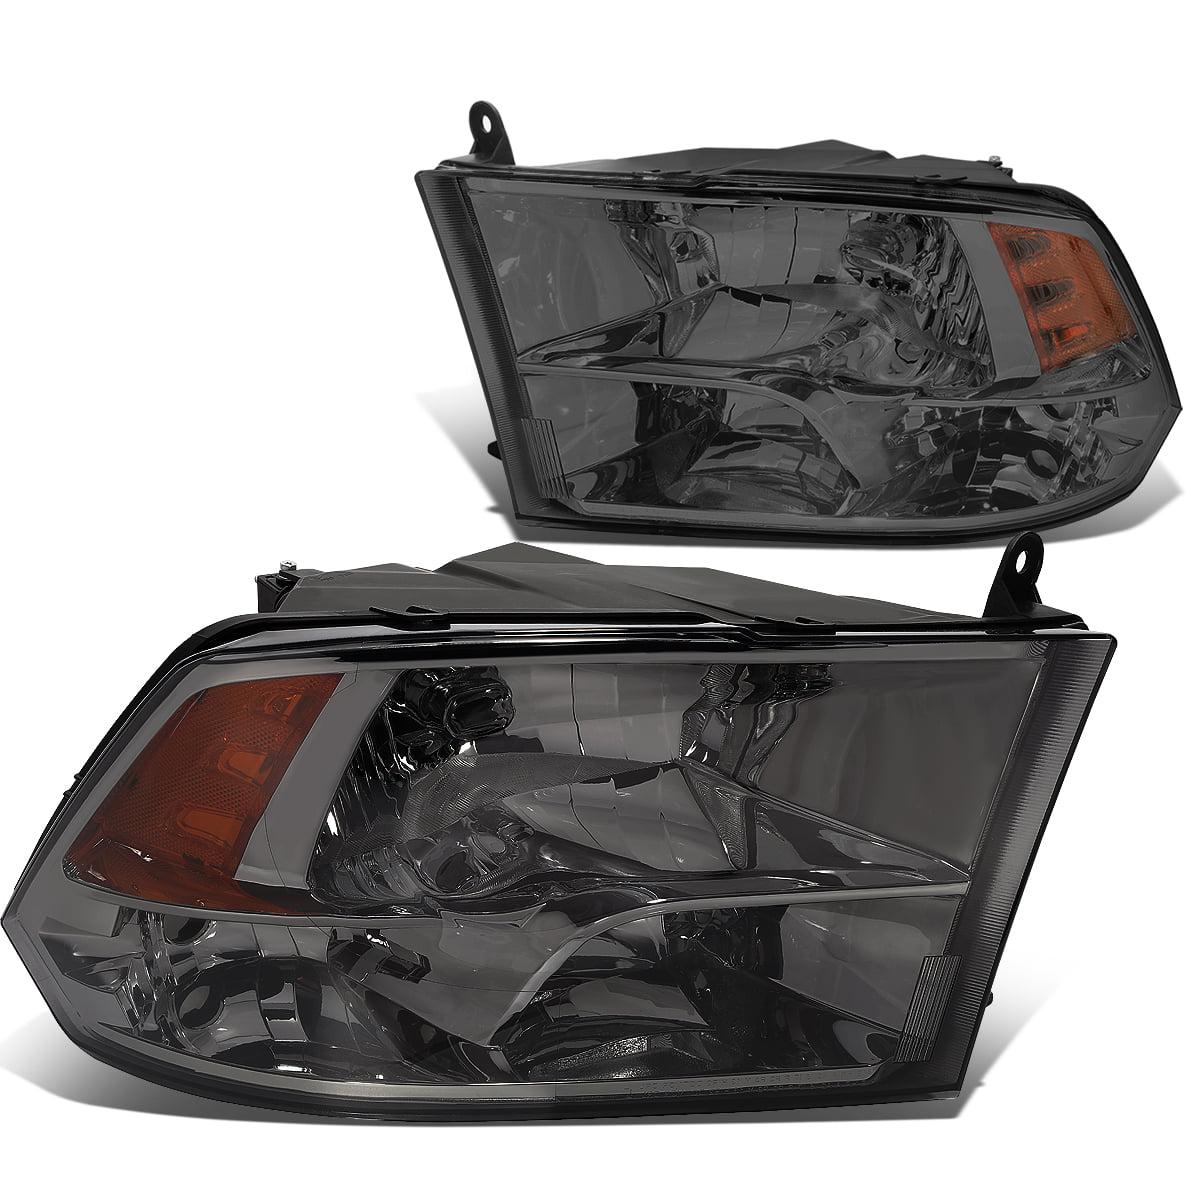 For 09-18 Dodge Ram Truck 1500/2500/3500 Pair of Headlight Smoked Housing Amber Corner Headamp - 4th Gen 10 11 12 13 14 15 16